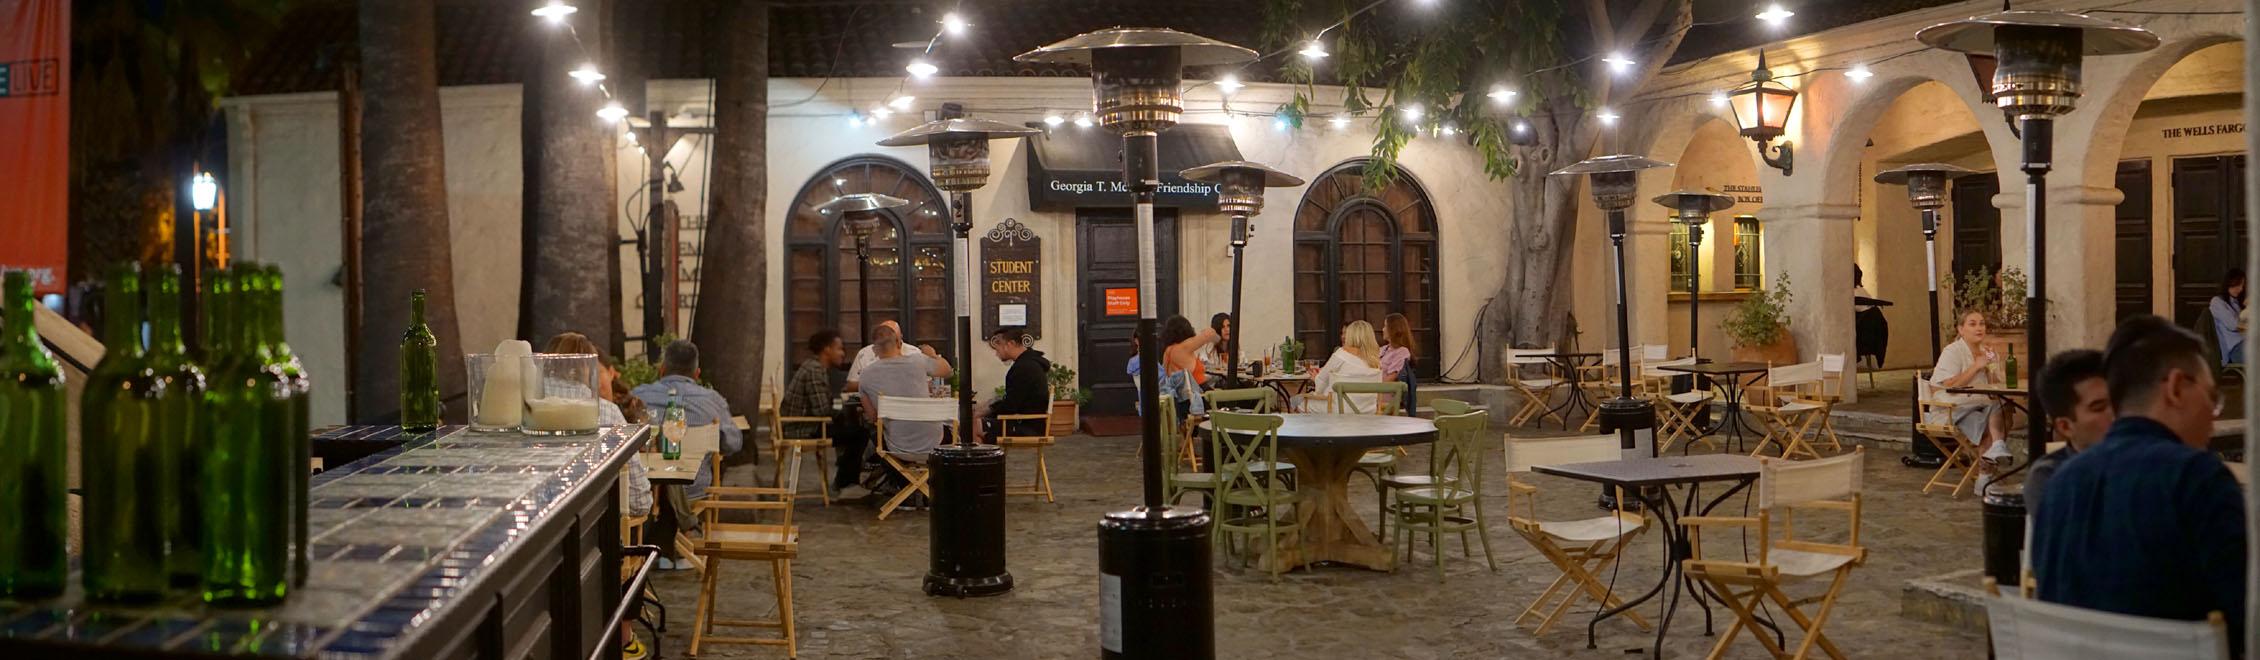 Saso Courtyard